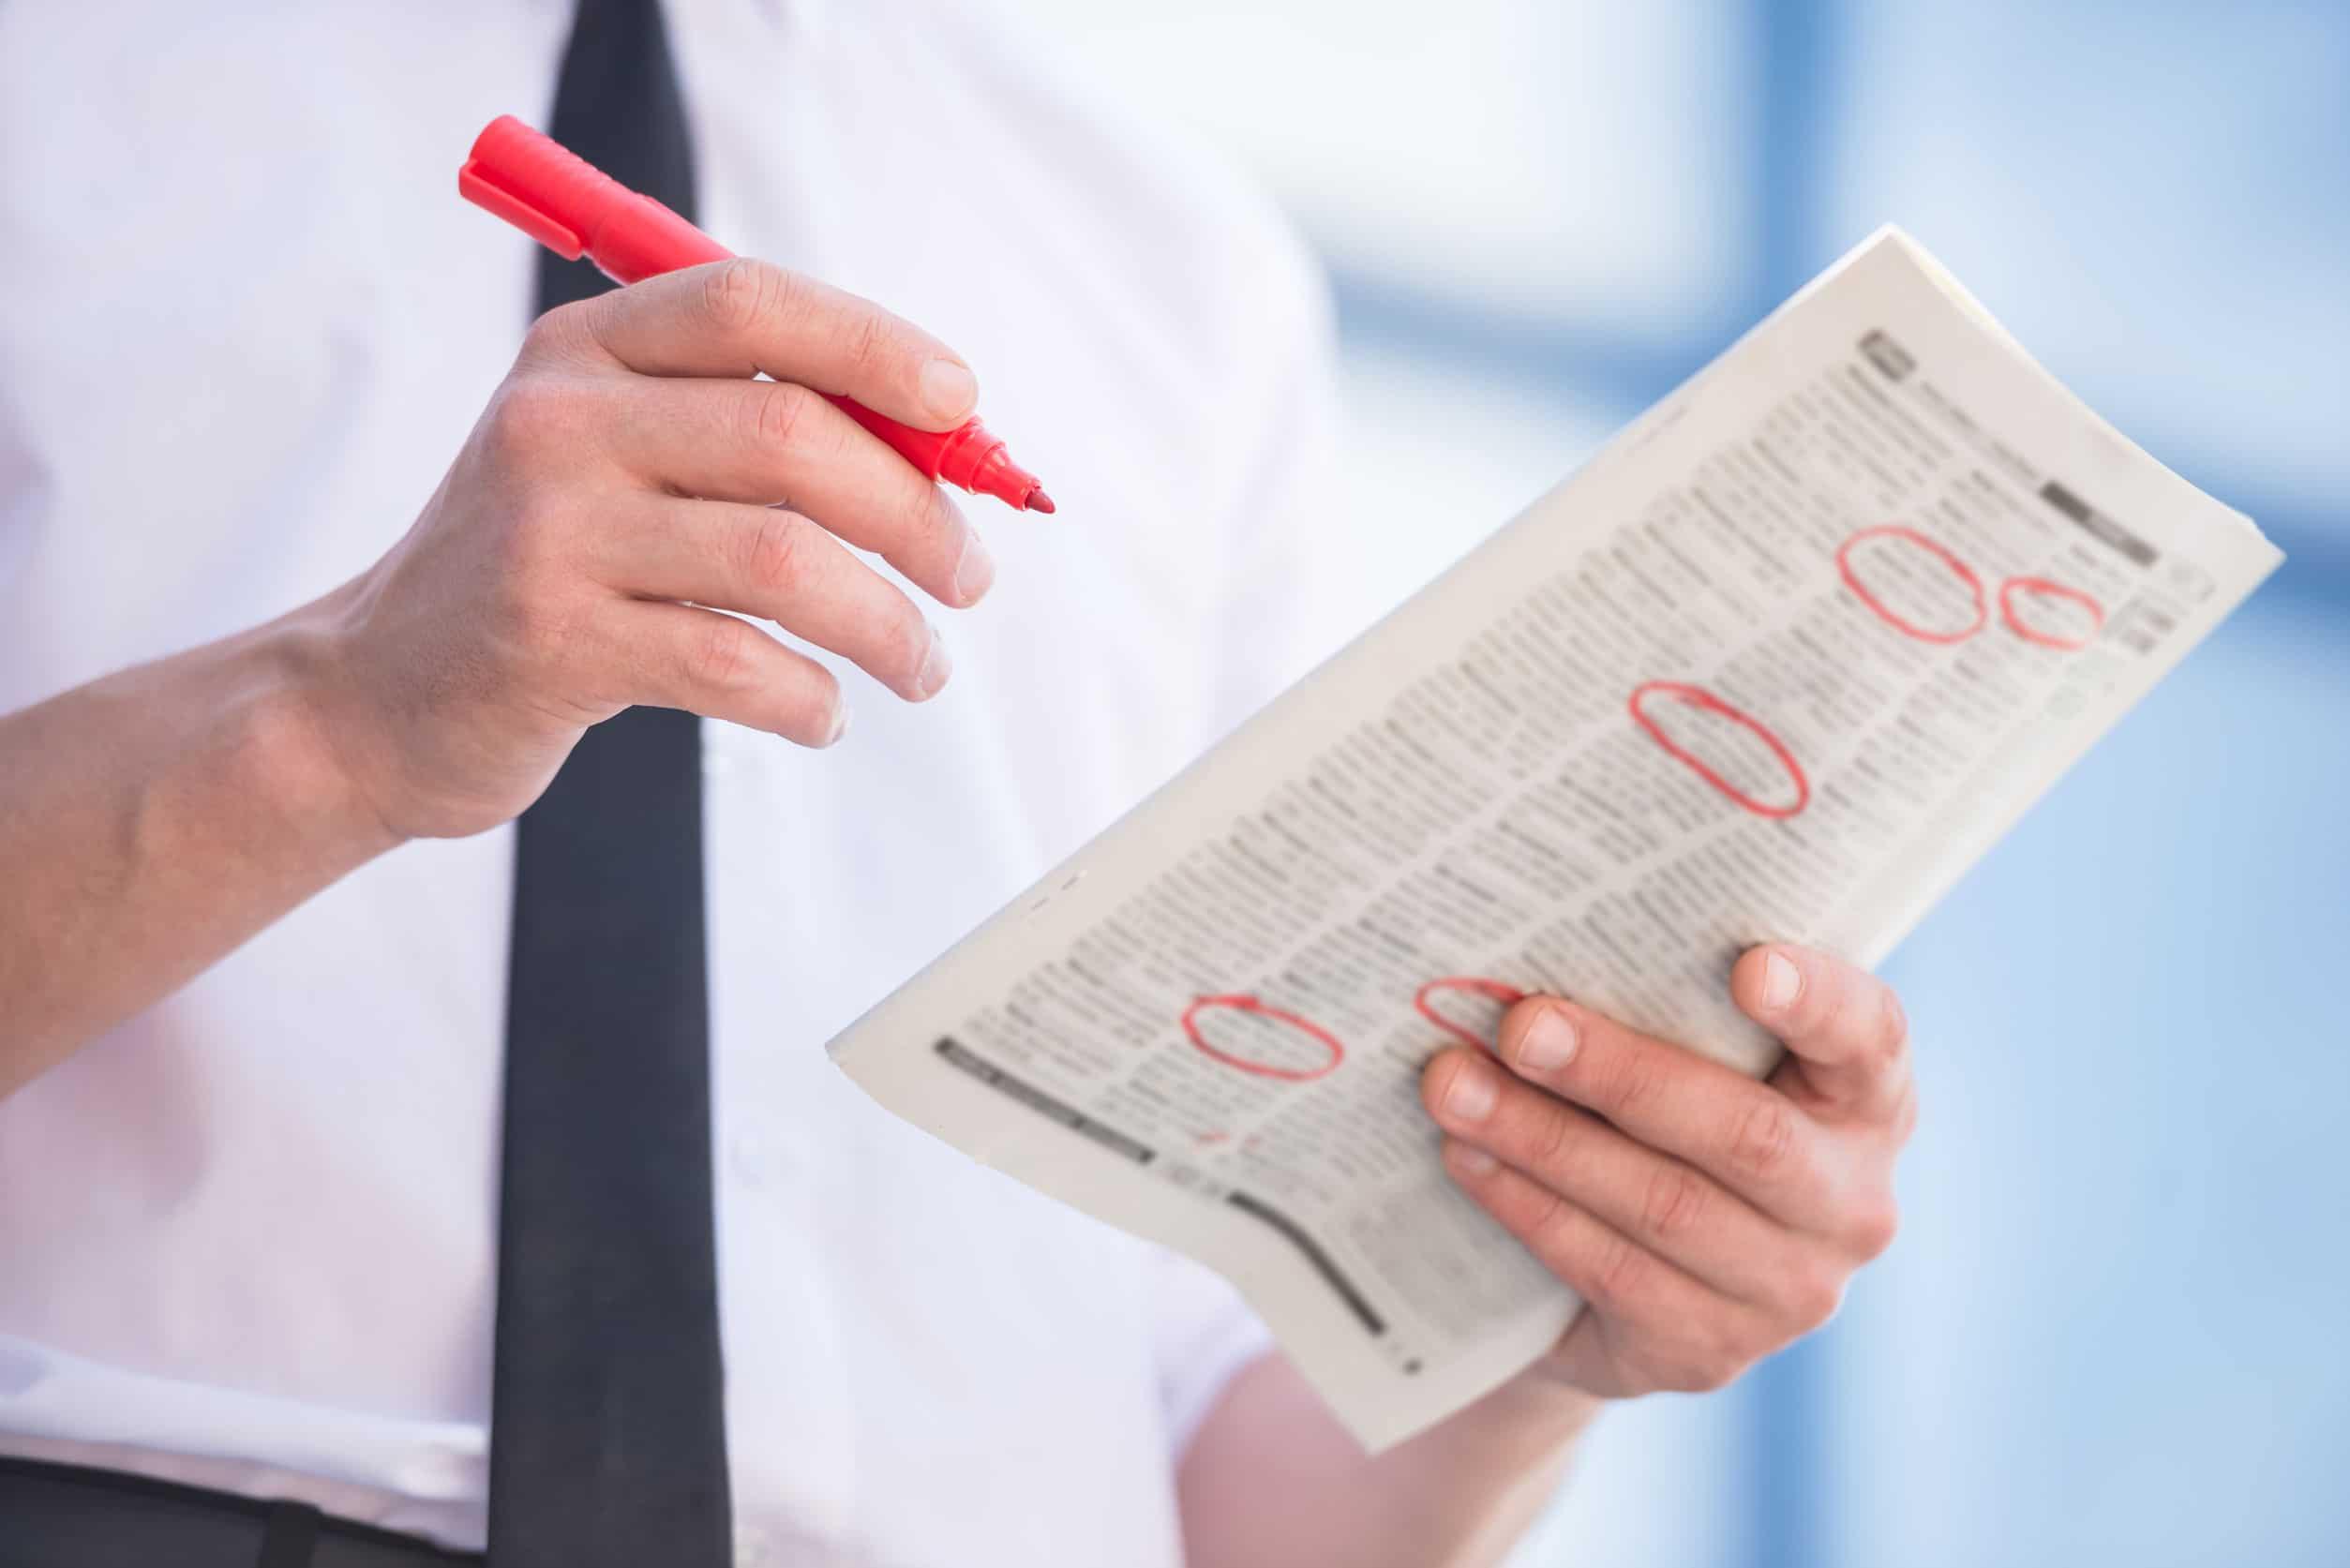 Tronco de um homem com um jornal nas mãos e uma caneta vermelha. Ele circula anúncios de emprego.